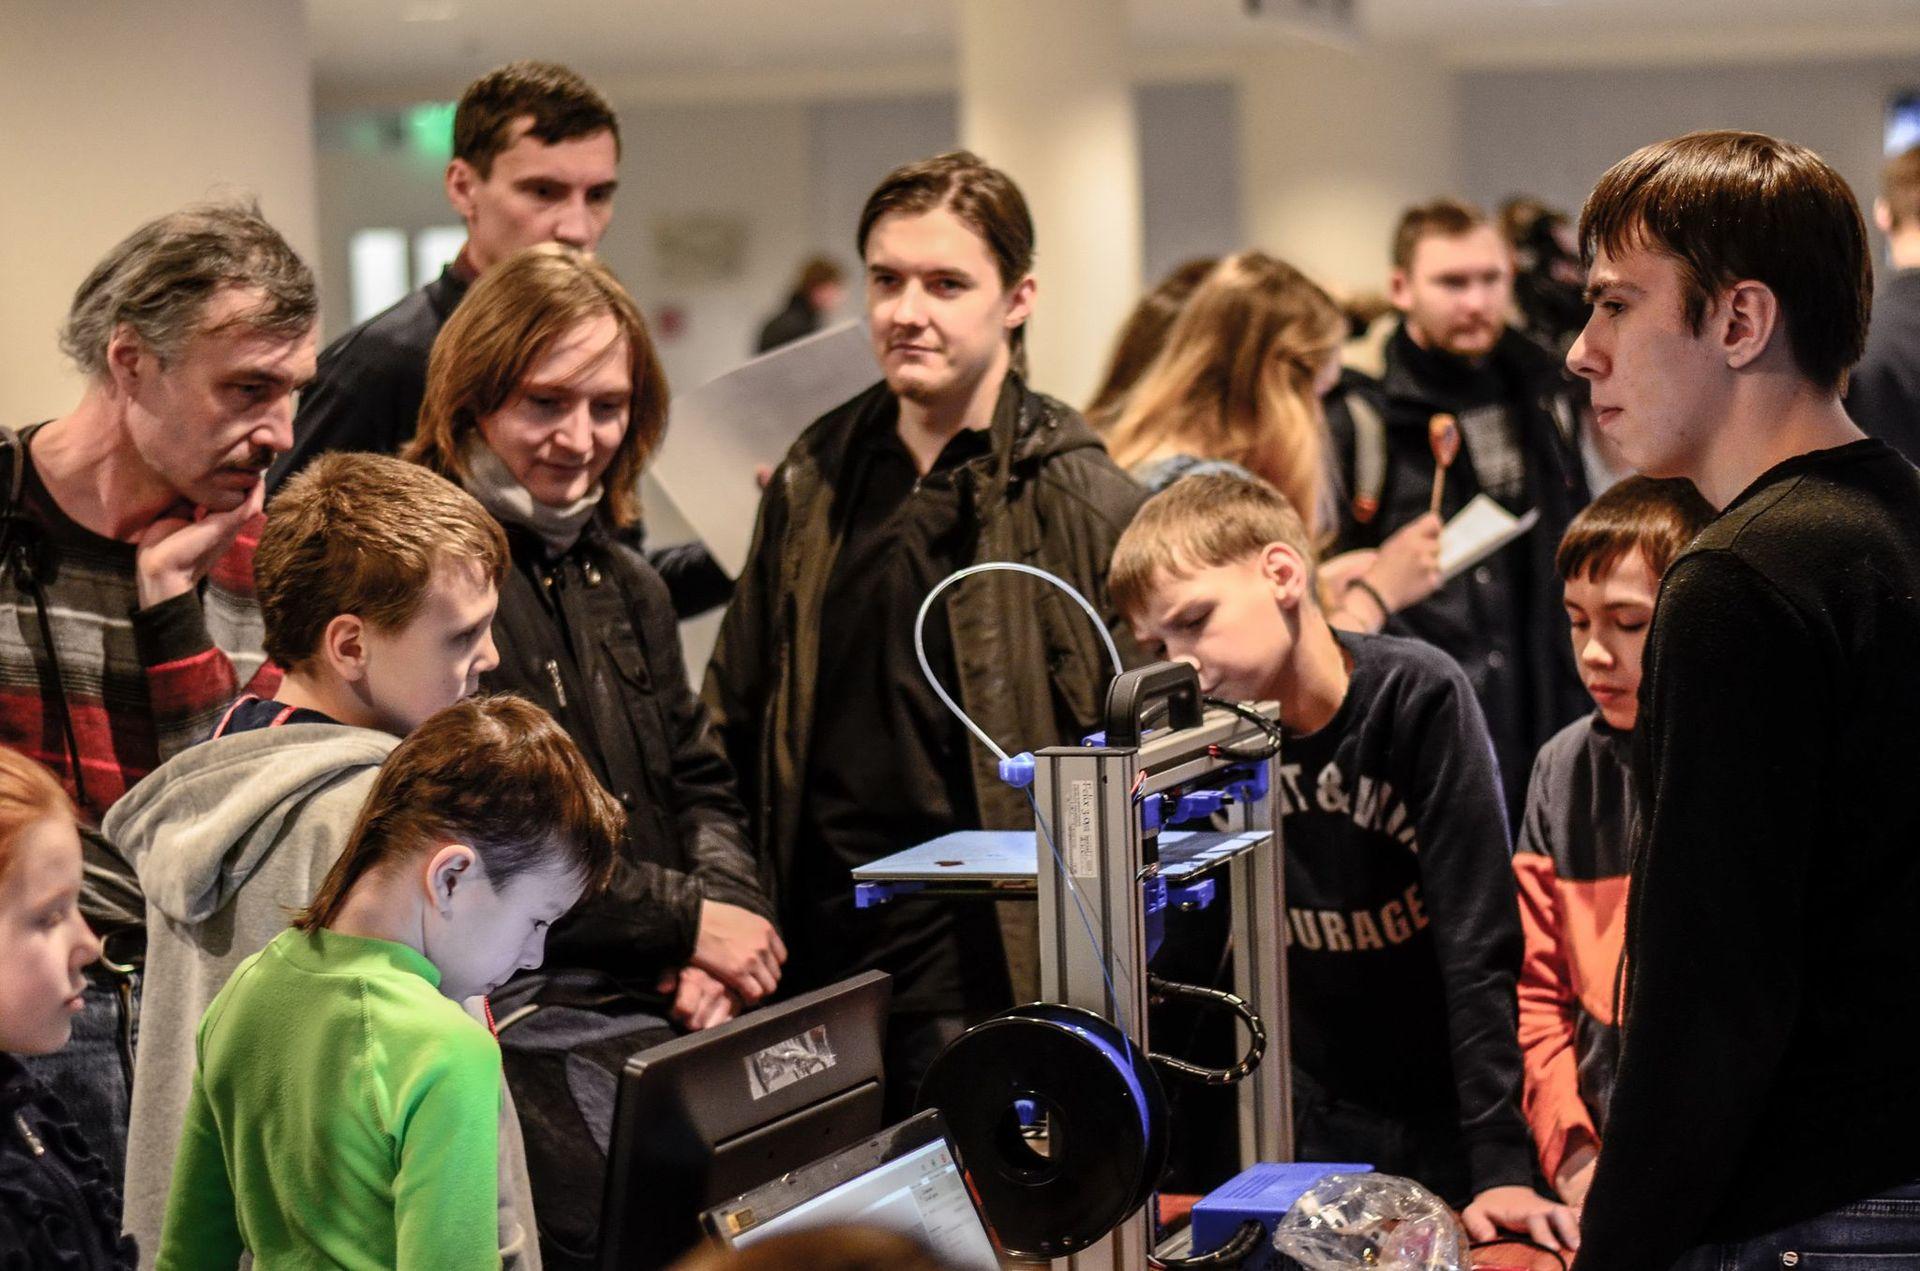 Фестиваль Город Технотворчества 2016, или как привлечь детей к технике - 14